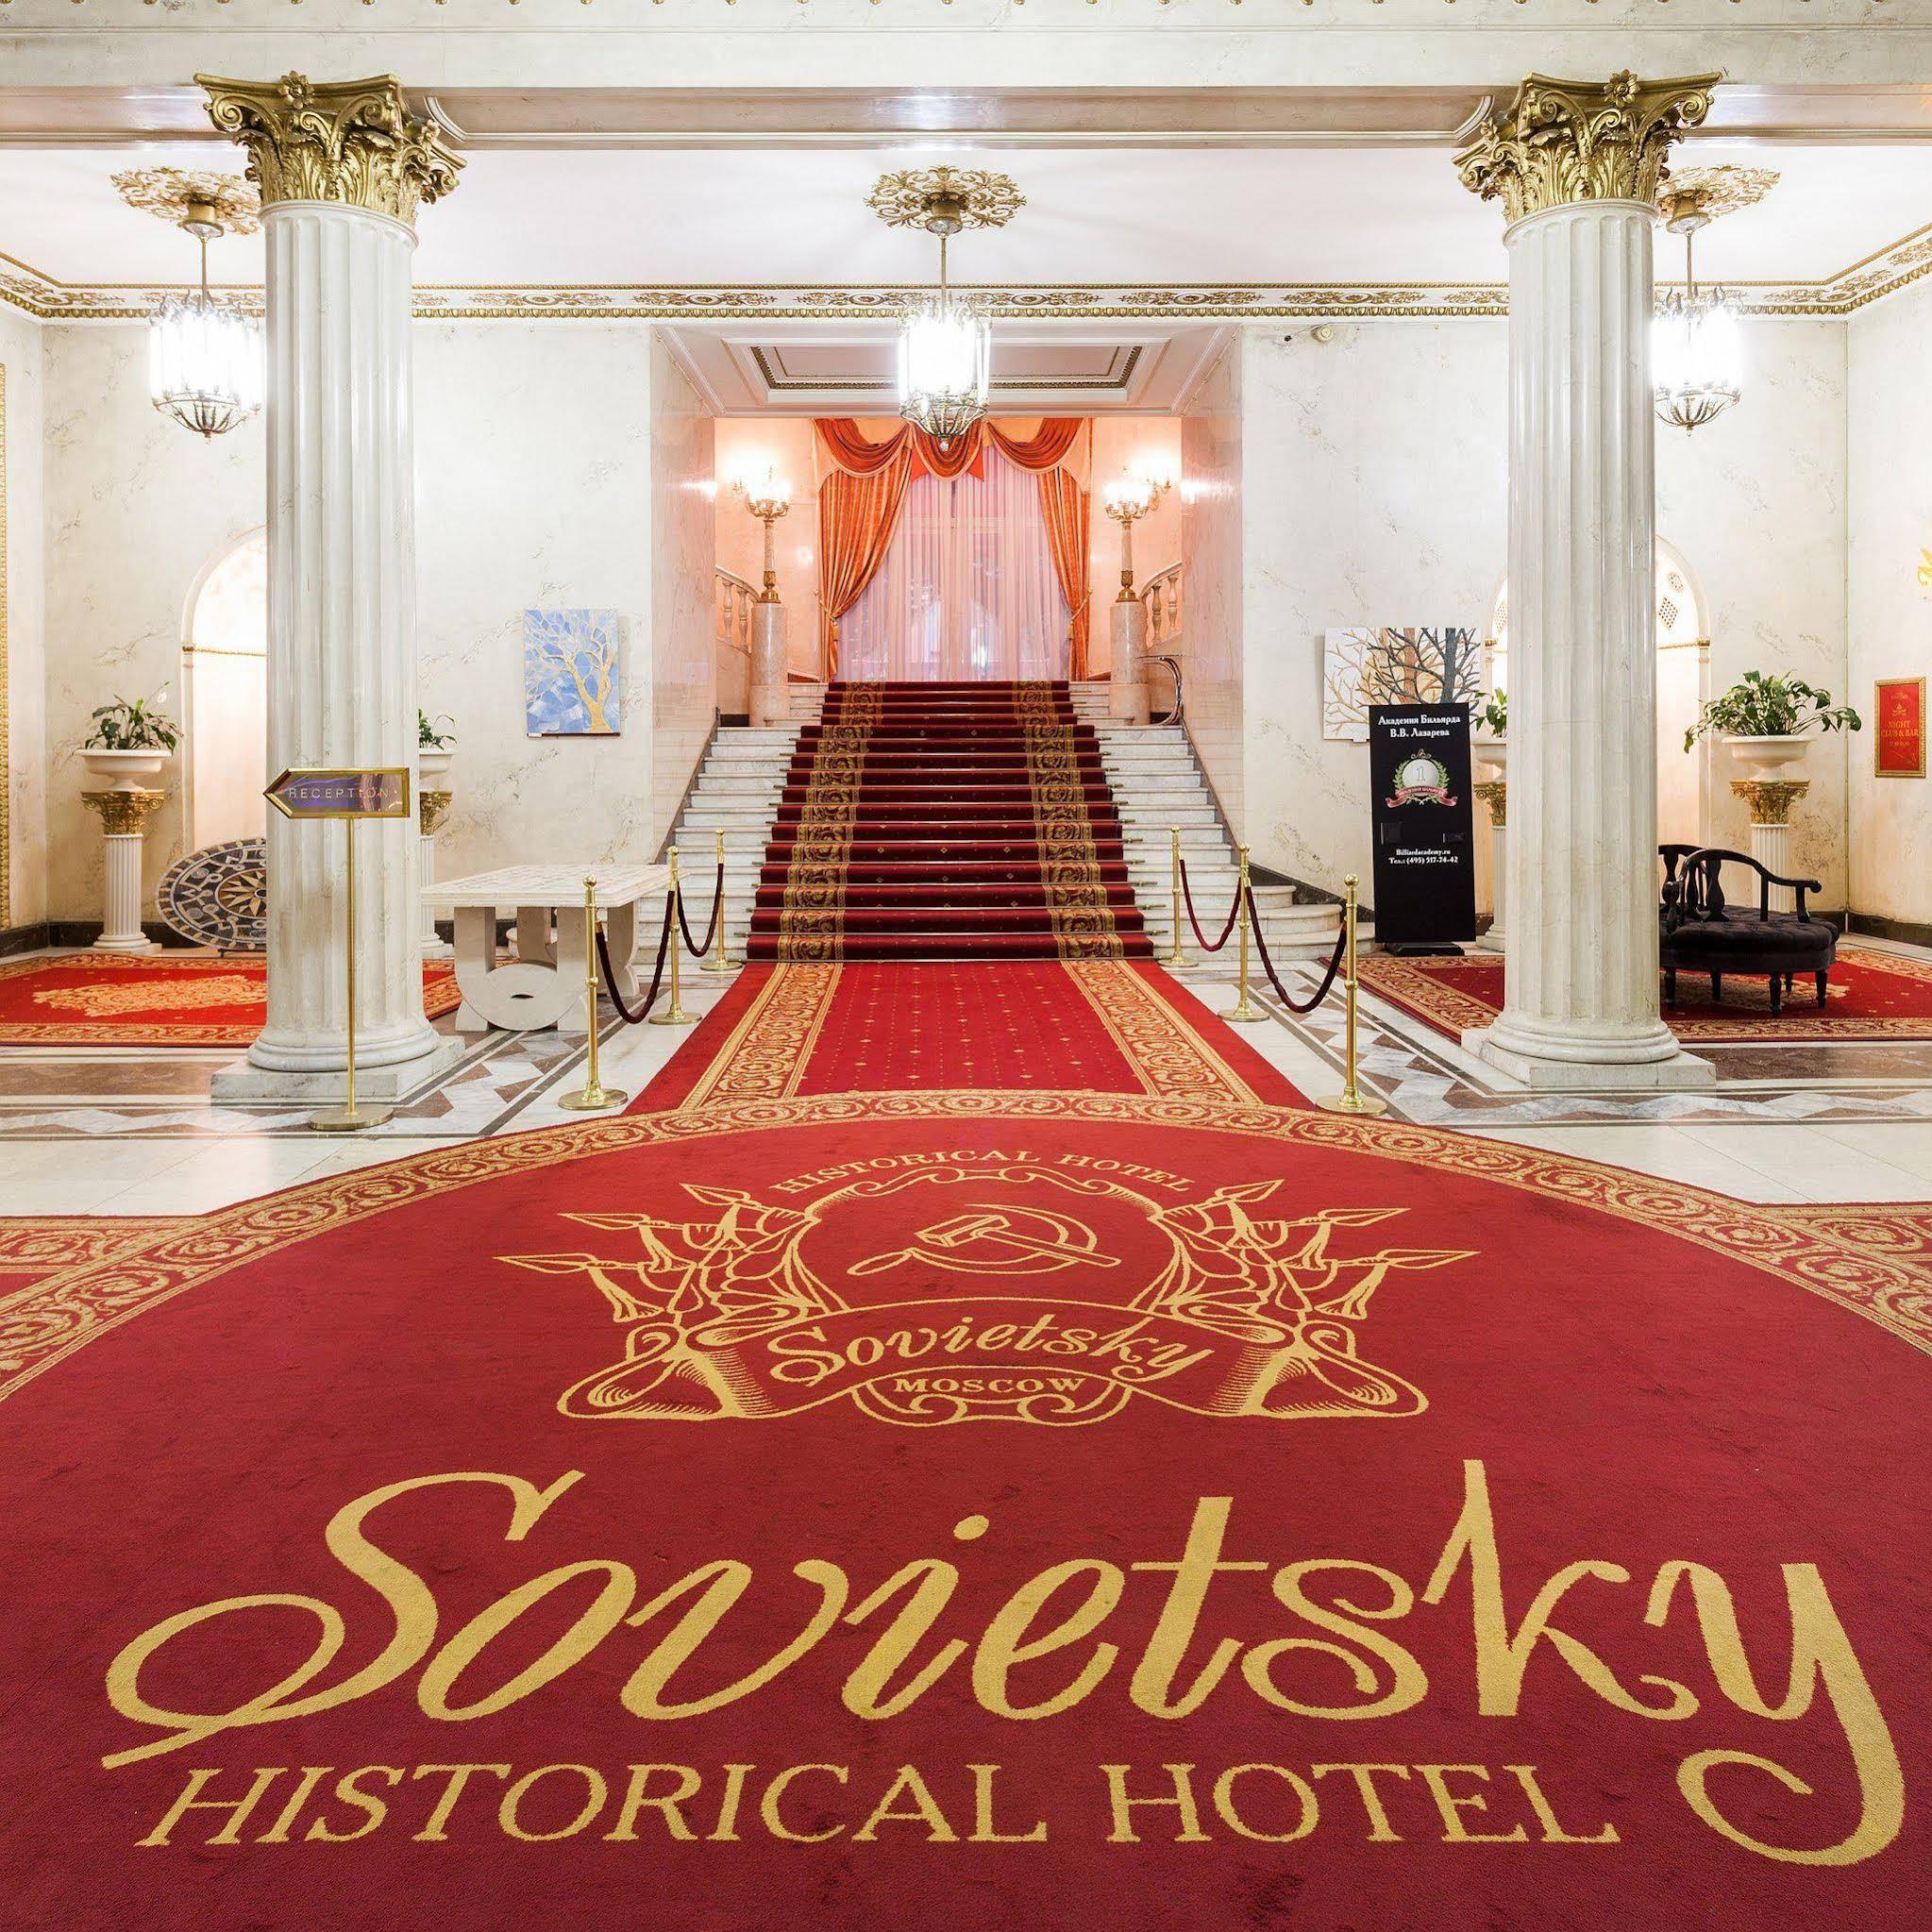 Historical Sovietsky